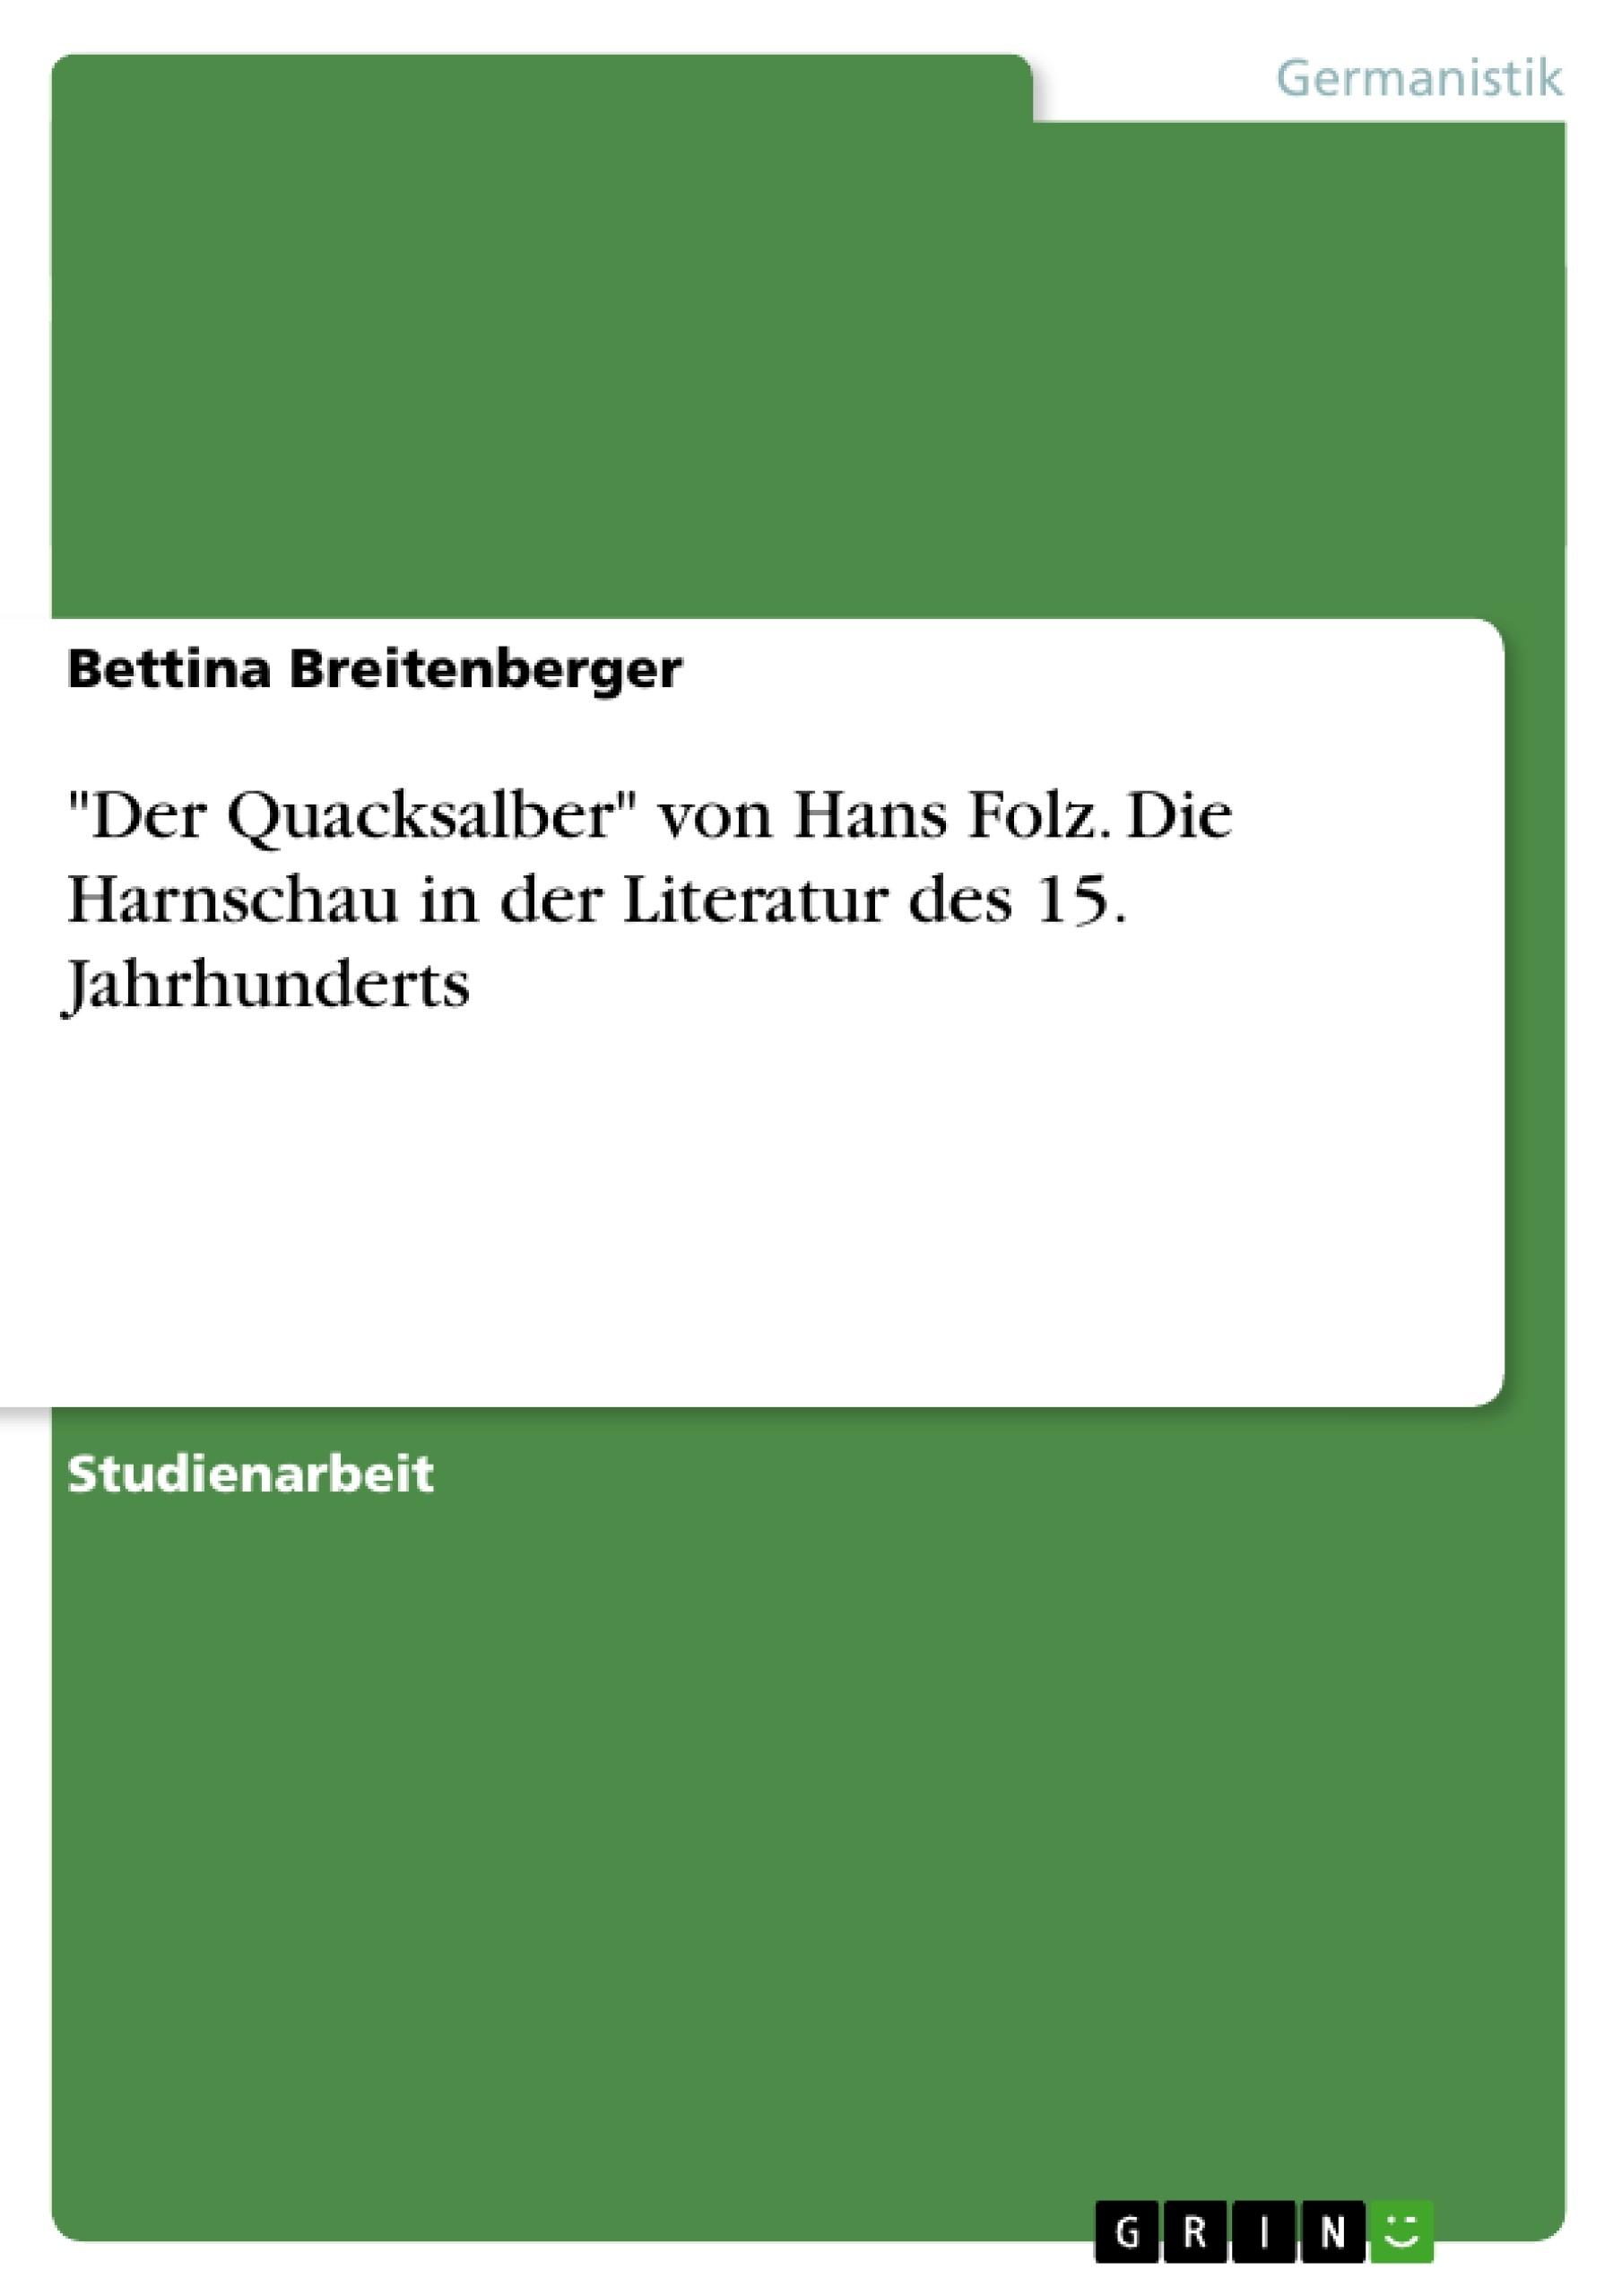 """Titel: """"Der Quacksalber"""" von Hans Folz. Die Harnschau in der Literatur des 15. Jahrhunderts"""